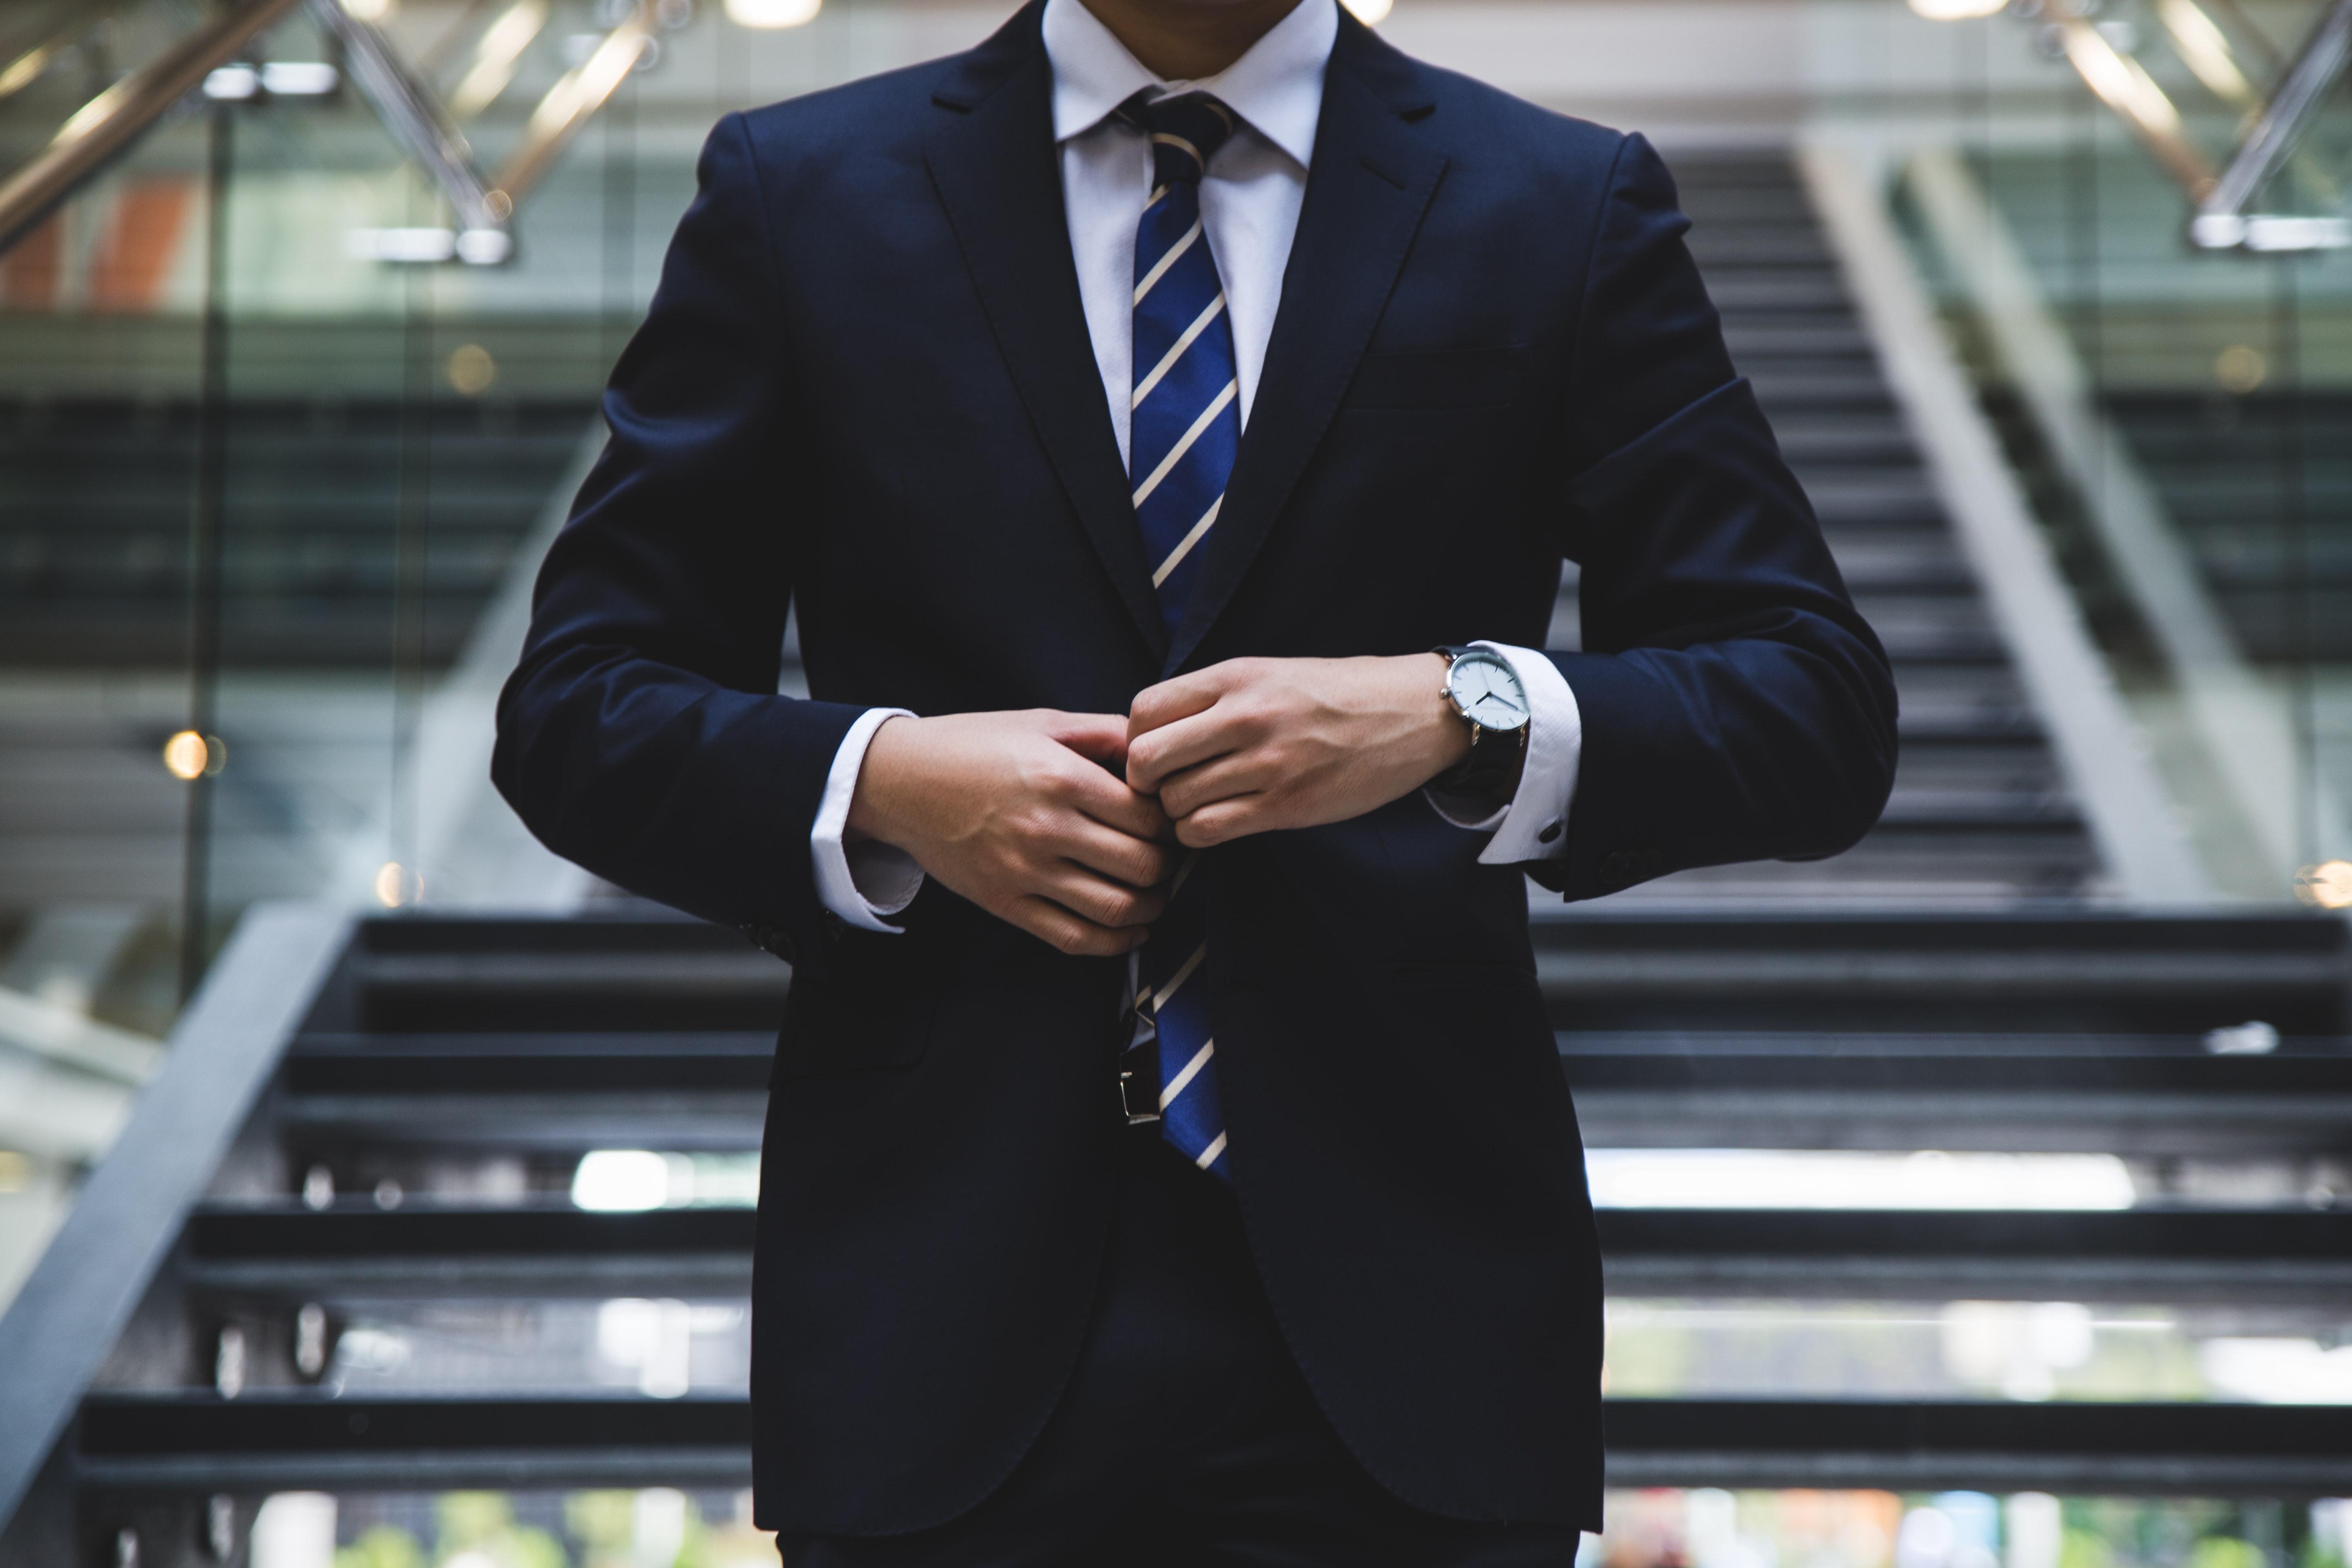 CapitalPanda | Väčšina akcií je ocenená s prémiou. Tieto akcie sú však výhodné a zároveň ponúkajú solídne dividendy.